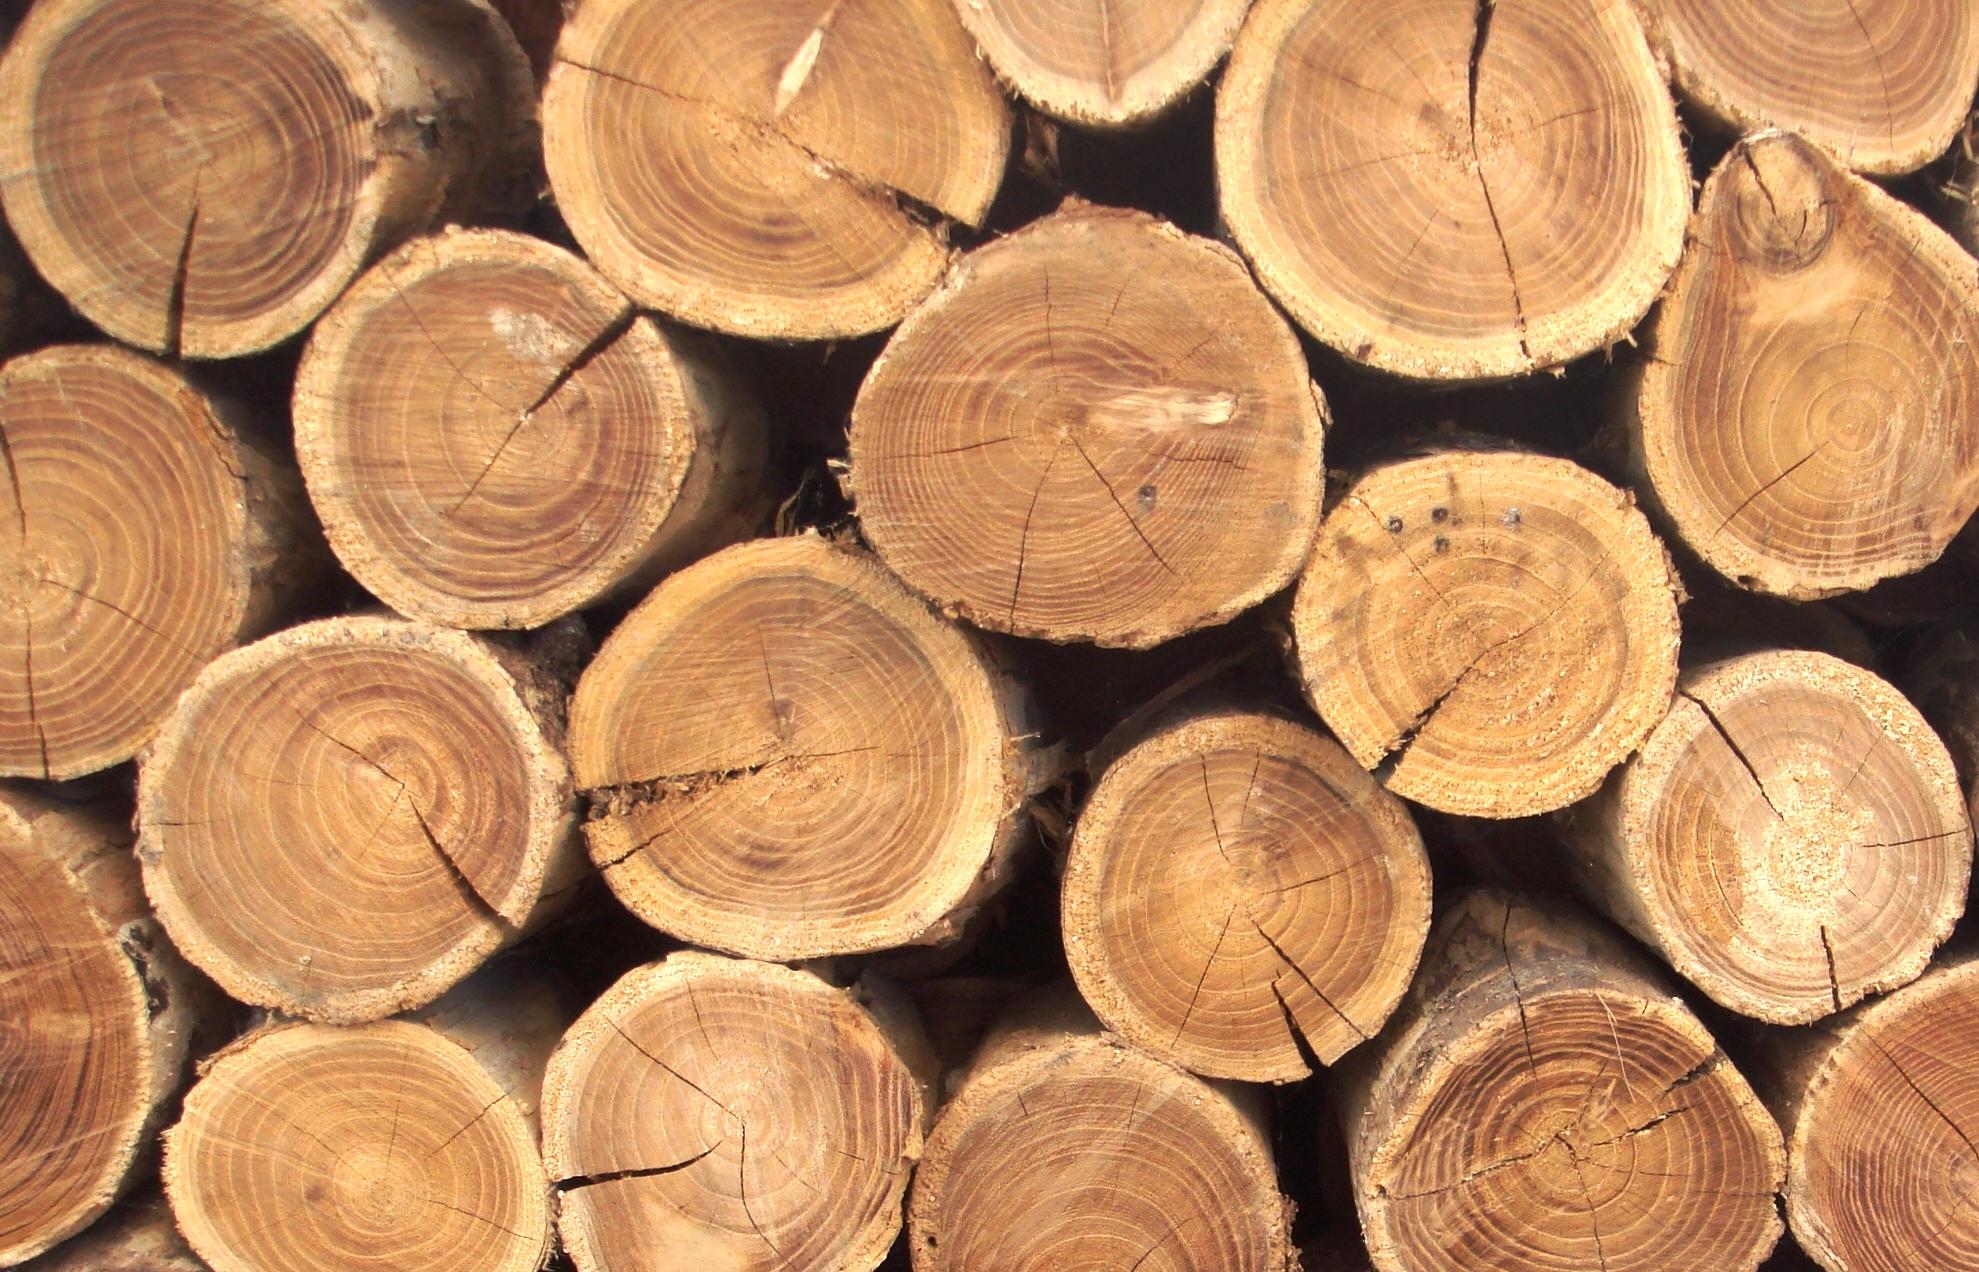 Українці зможуть контролювати та відслідковувати заготівлю деревини в країні - дерево - 12 derevyna